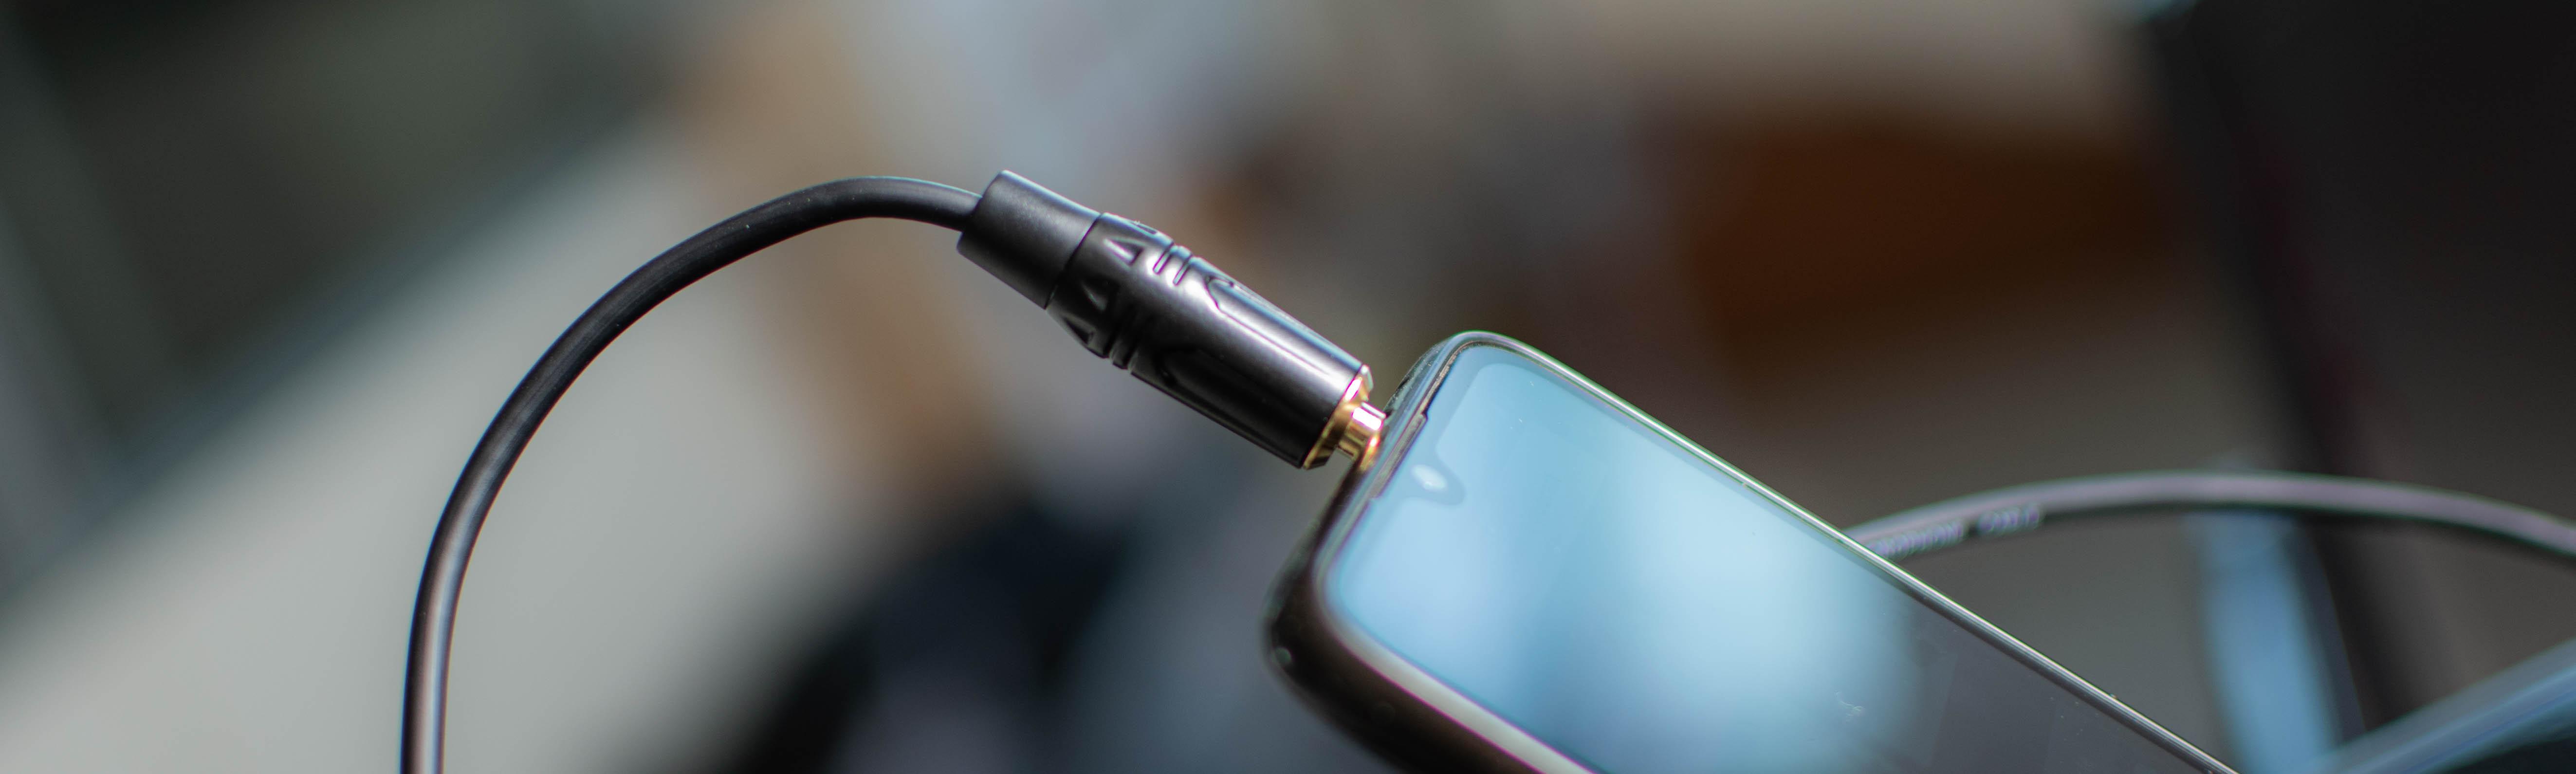 cavo quik lok just mini jack stereo per uscita cuffie telefono cellulare